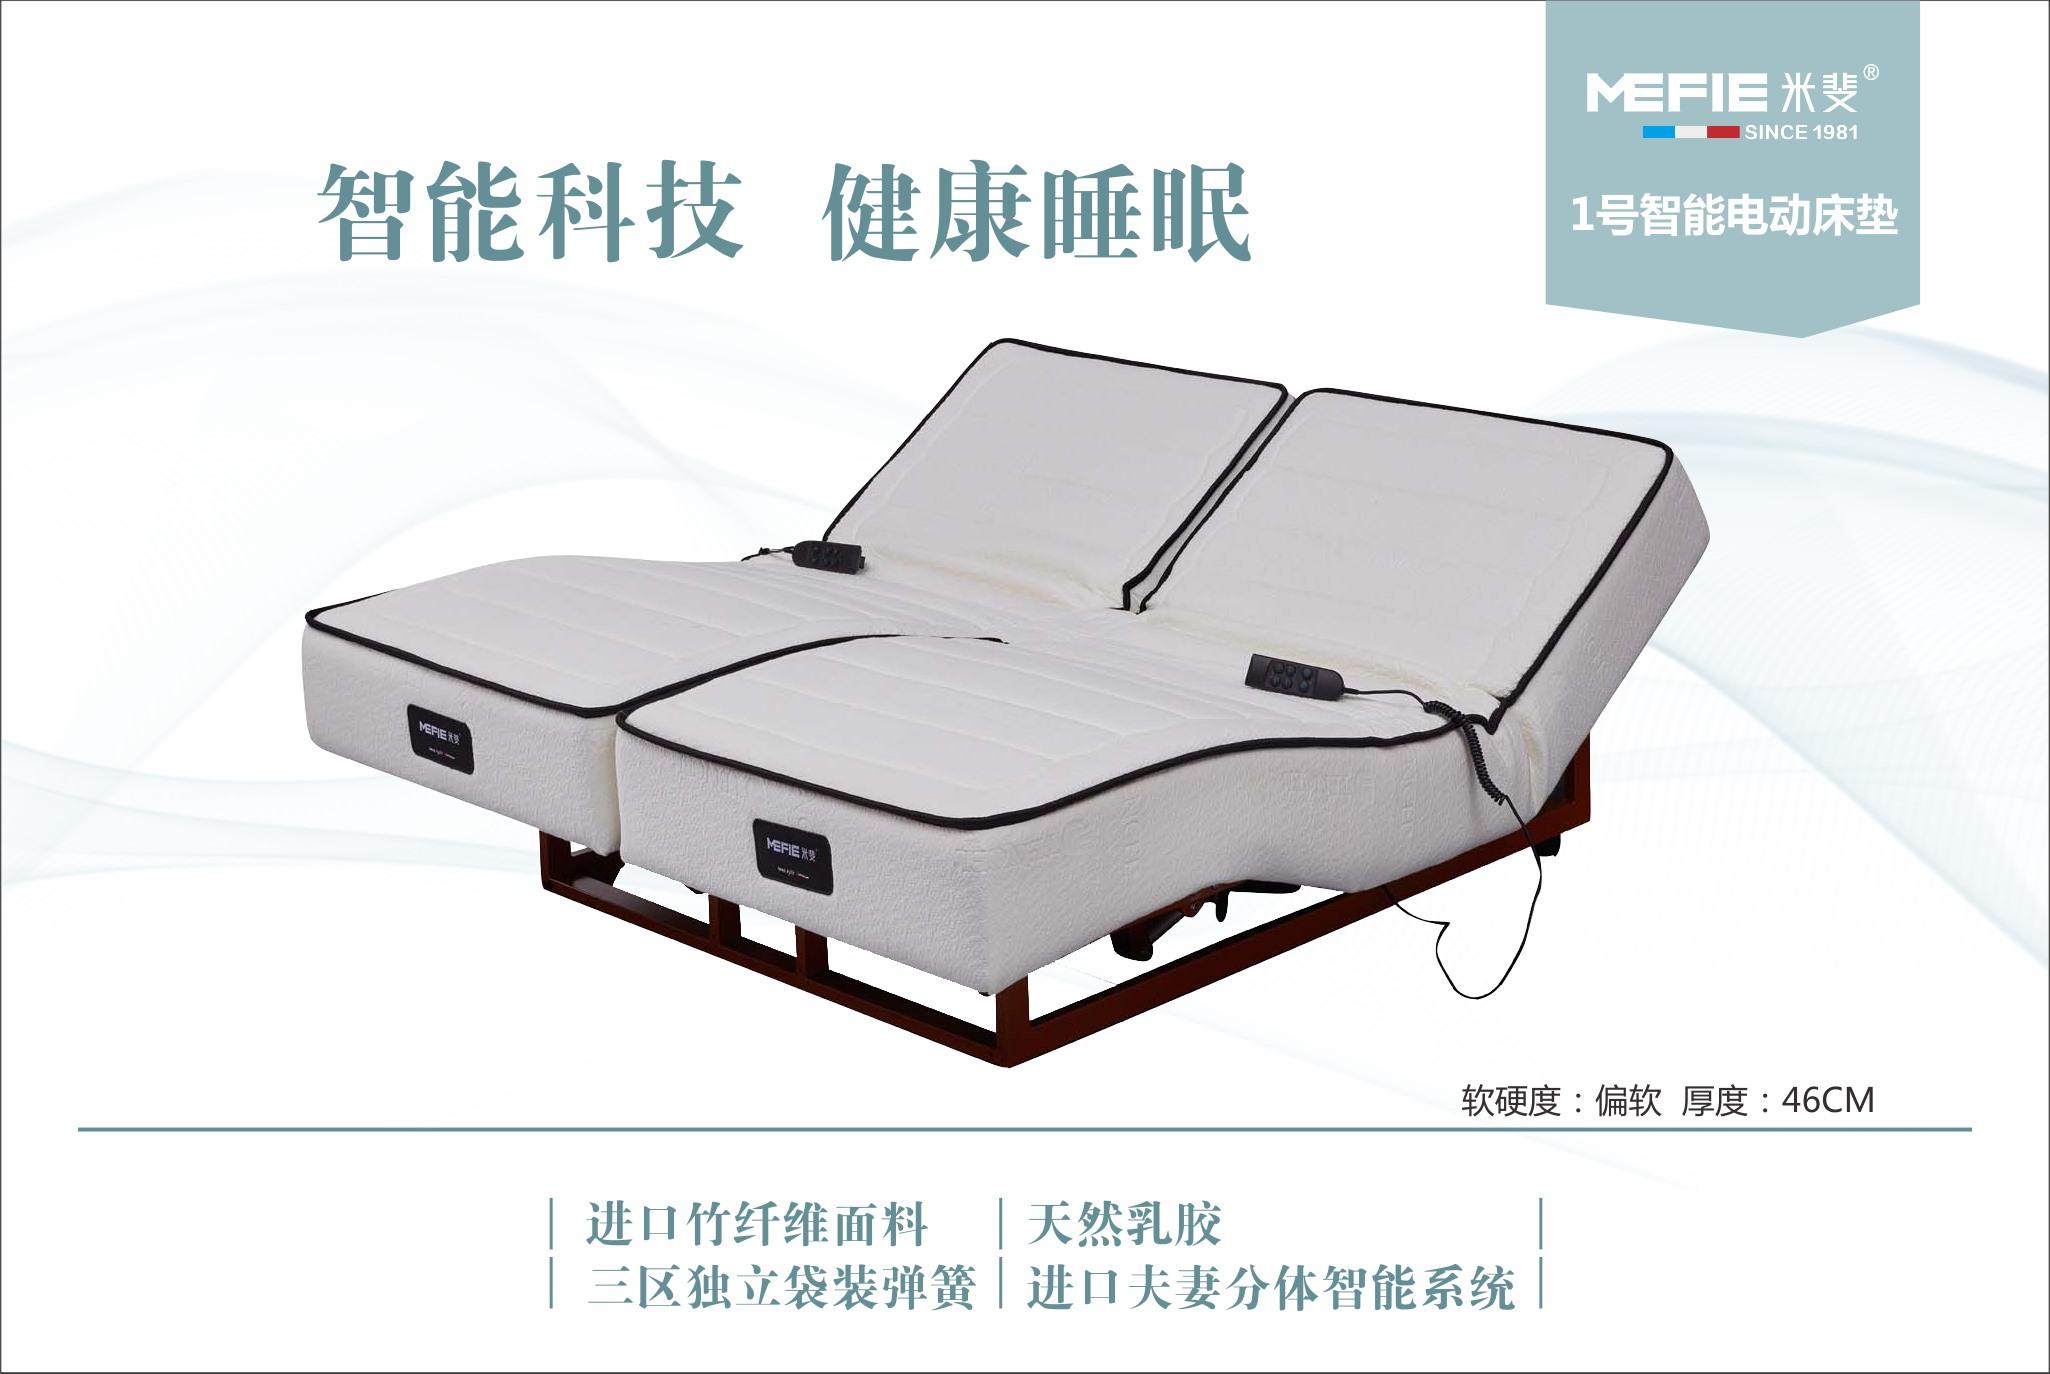 米斐-1號電動床墊(進口睡眠系統)